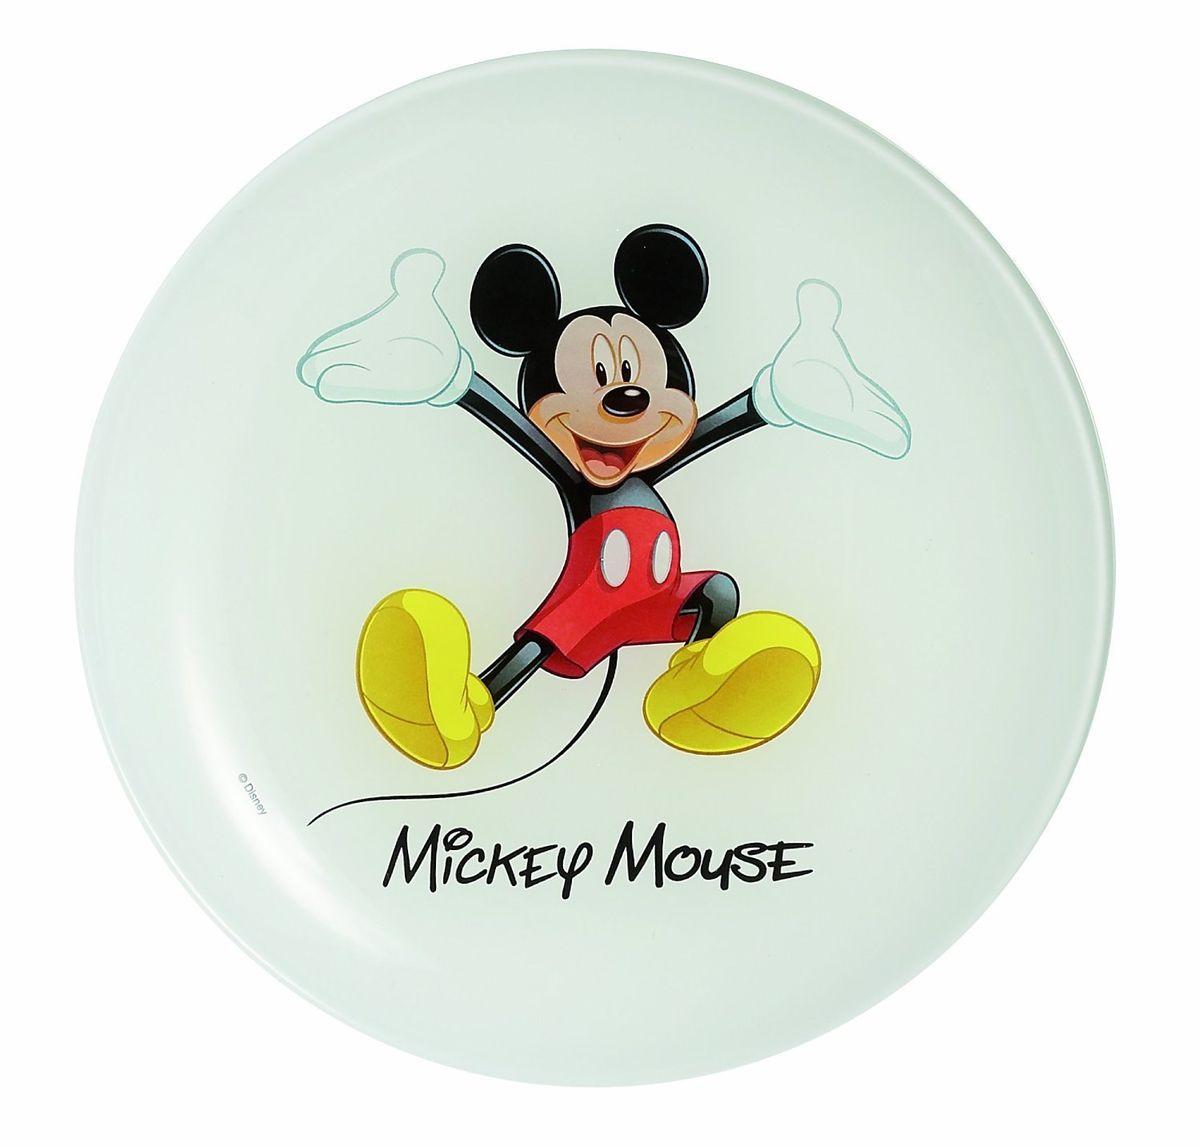 Тарелка десертная Luminarc Mickey Colors, диаметр 20 смG9172Тарелка десертная Luminarc Mickey Colors изготовлена из ударопрочного стекла. Такая тарелка непременно порадует вашего ребенка. Идеальна для подачи десертов, пирожных, тортов и многого другого. Она прекрасно оформит стол и станет отличным дополнением к вашей коллекции кухонной посуды. Изделие можно мыть в посудомоечной машине. Диаметр тарелки: 20 см.